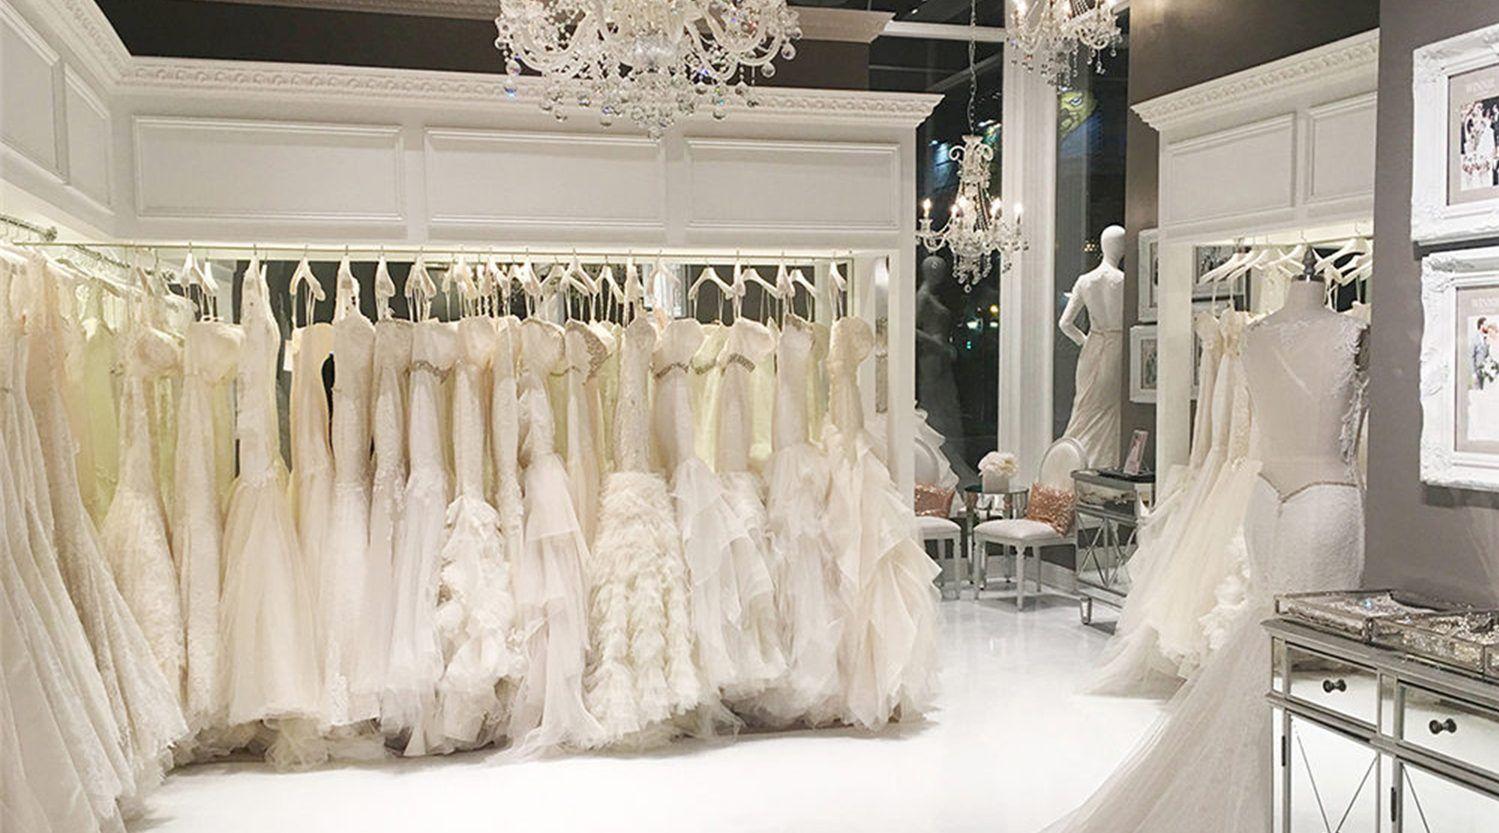 Welkom Tot Onze Store Thanks Voor Uw Geinteresseerd In Onze Toga We Konden De Te Maken Cindy Zeriouli Vrouw Blog Wedding Dresses White Tulle Wedding Dress Bridal Gowns